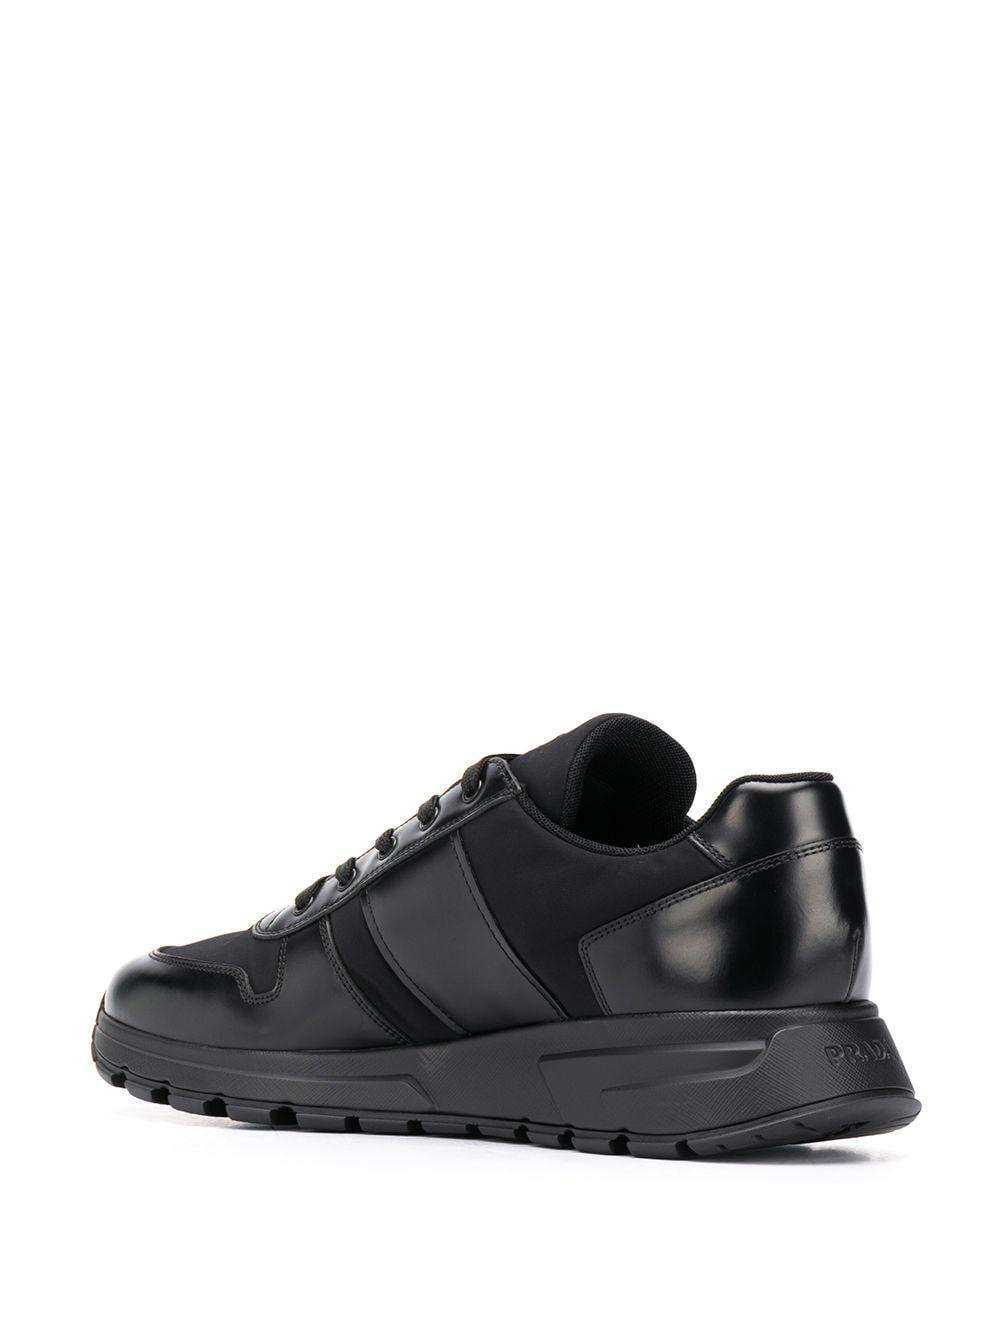 Prada Leer Low-top Sneakers in het Zwart voor heren